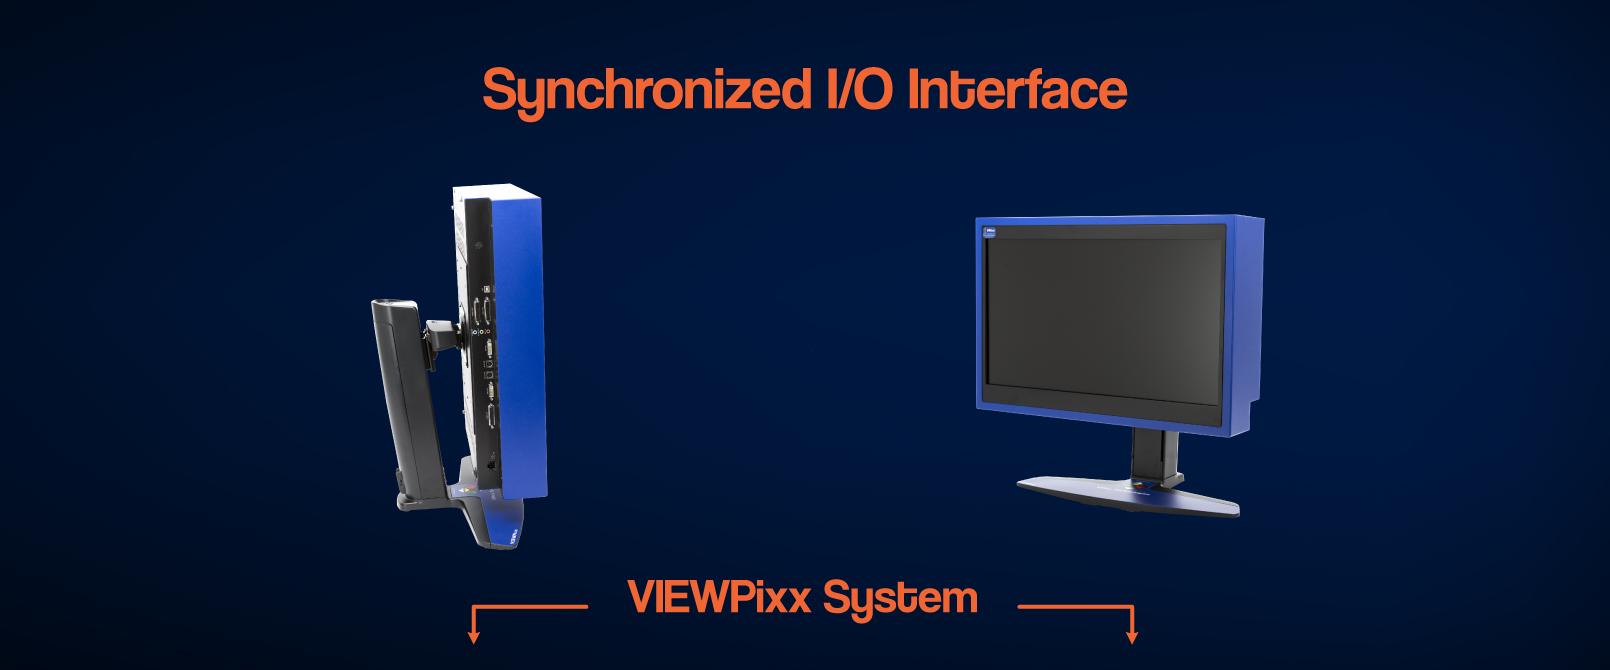 VIEWPixx – VPixx Technologies